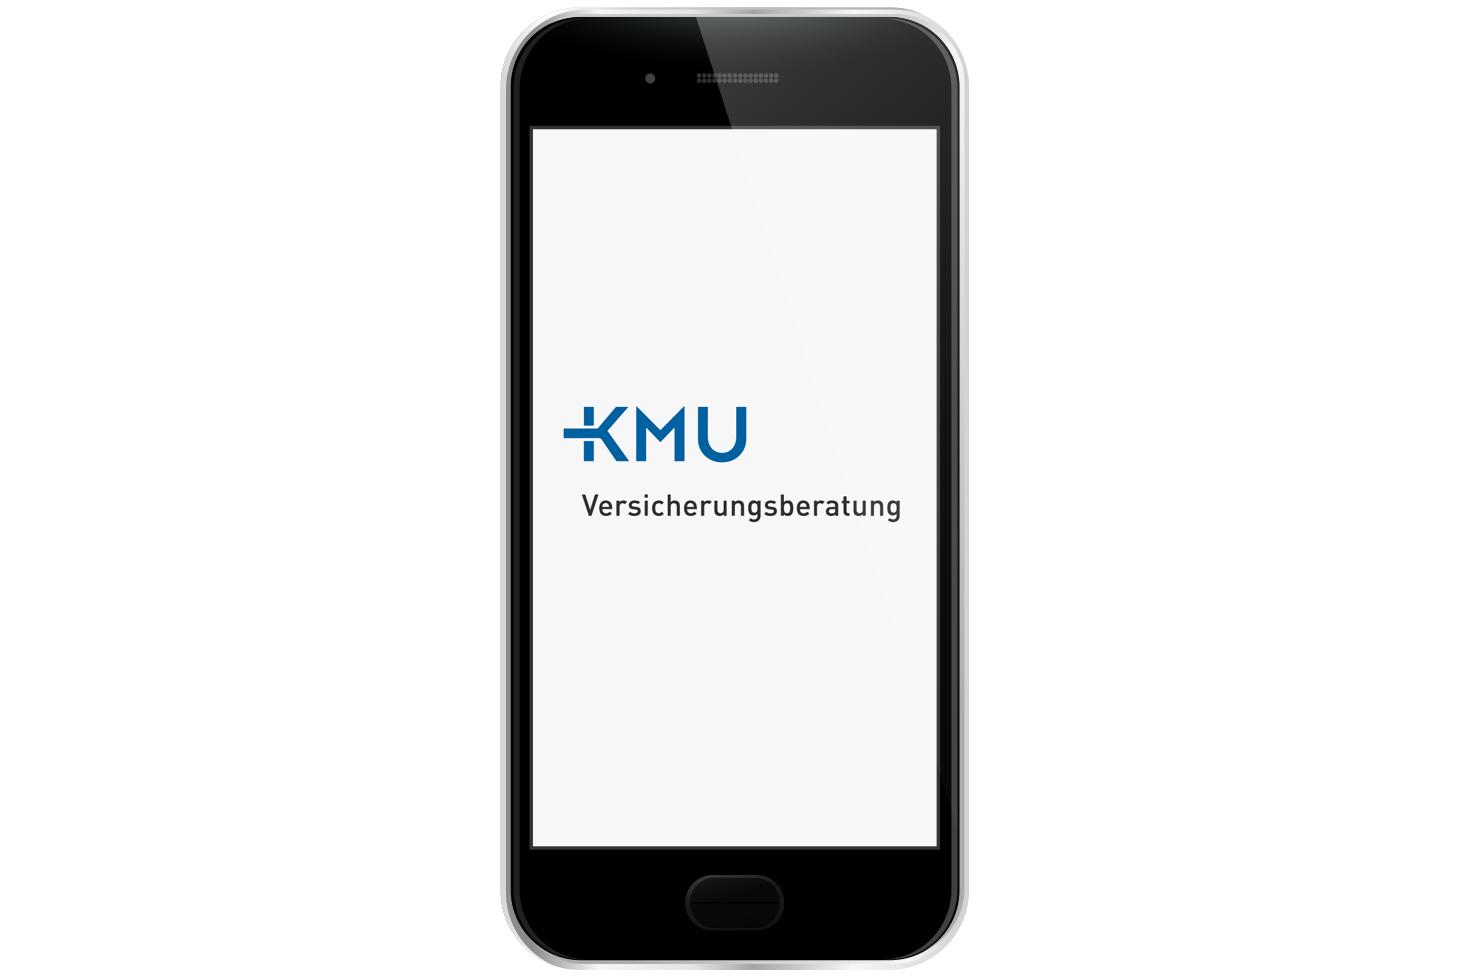 Bild 1 vom KMU Versicherungsberatung Mobile App